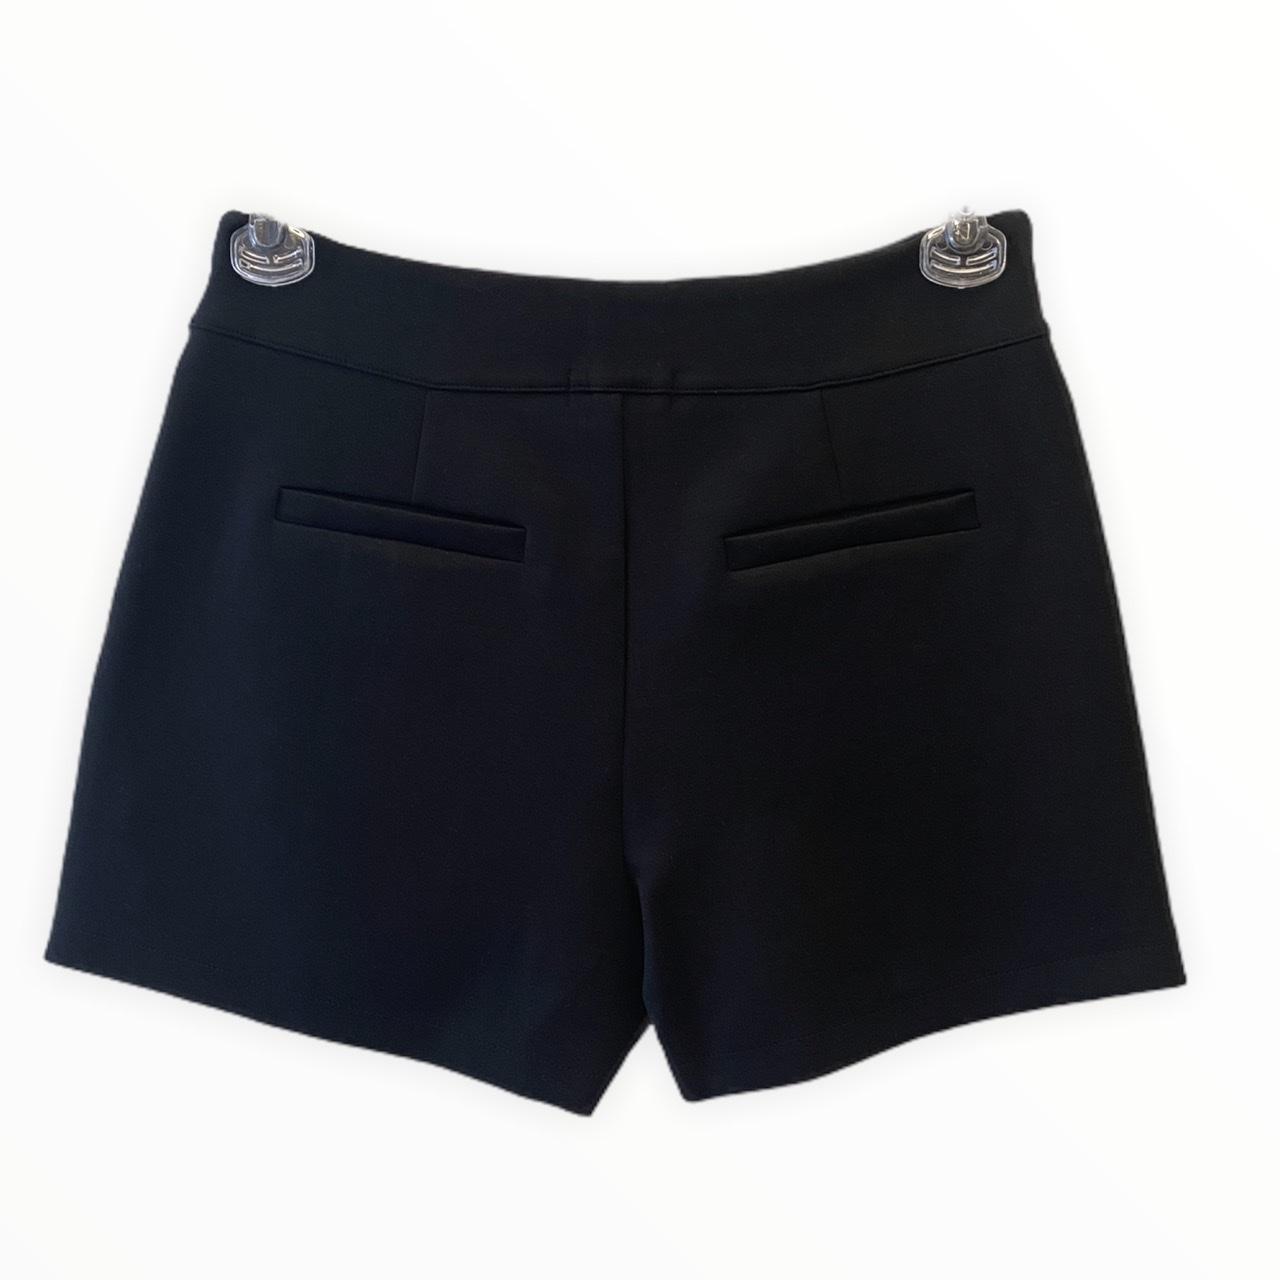 Shorts em neoprene preto com saia sobreposta